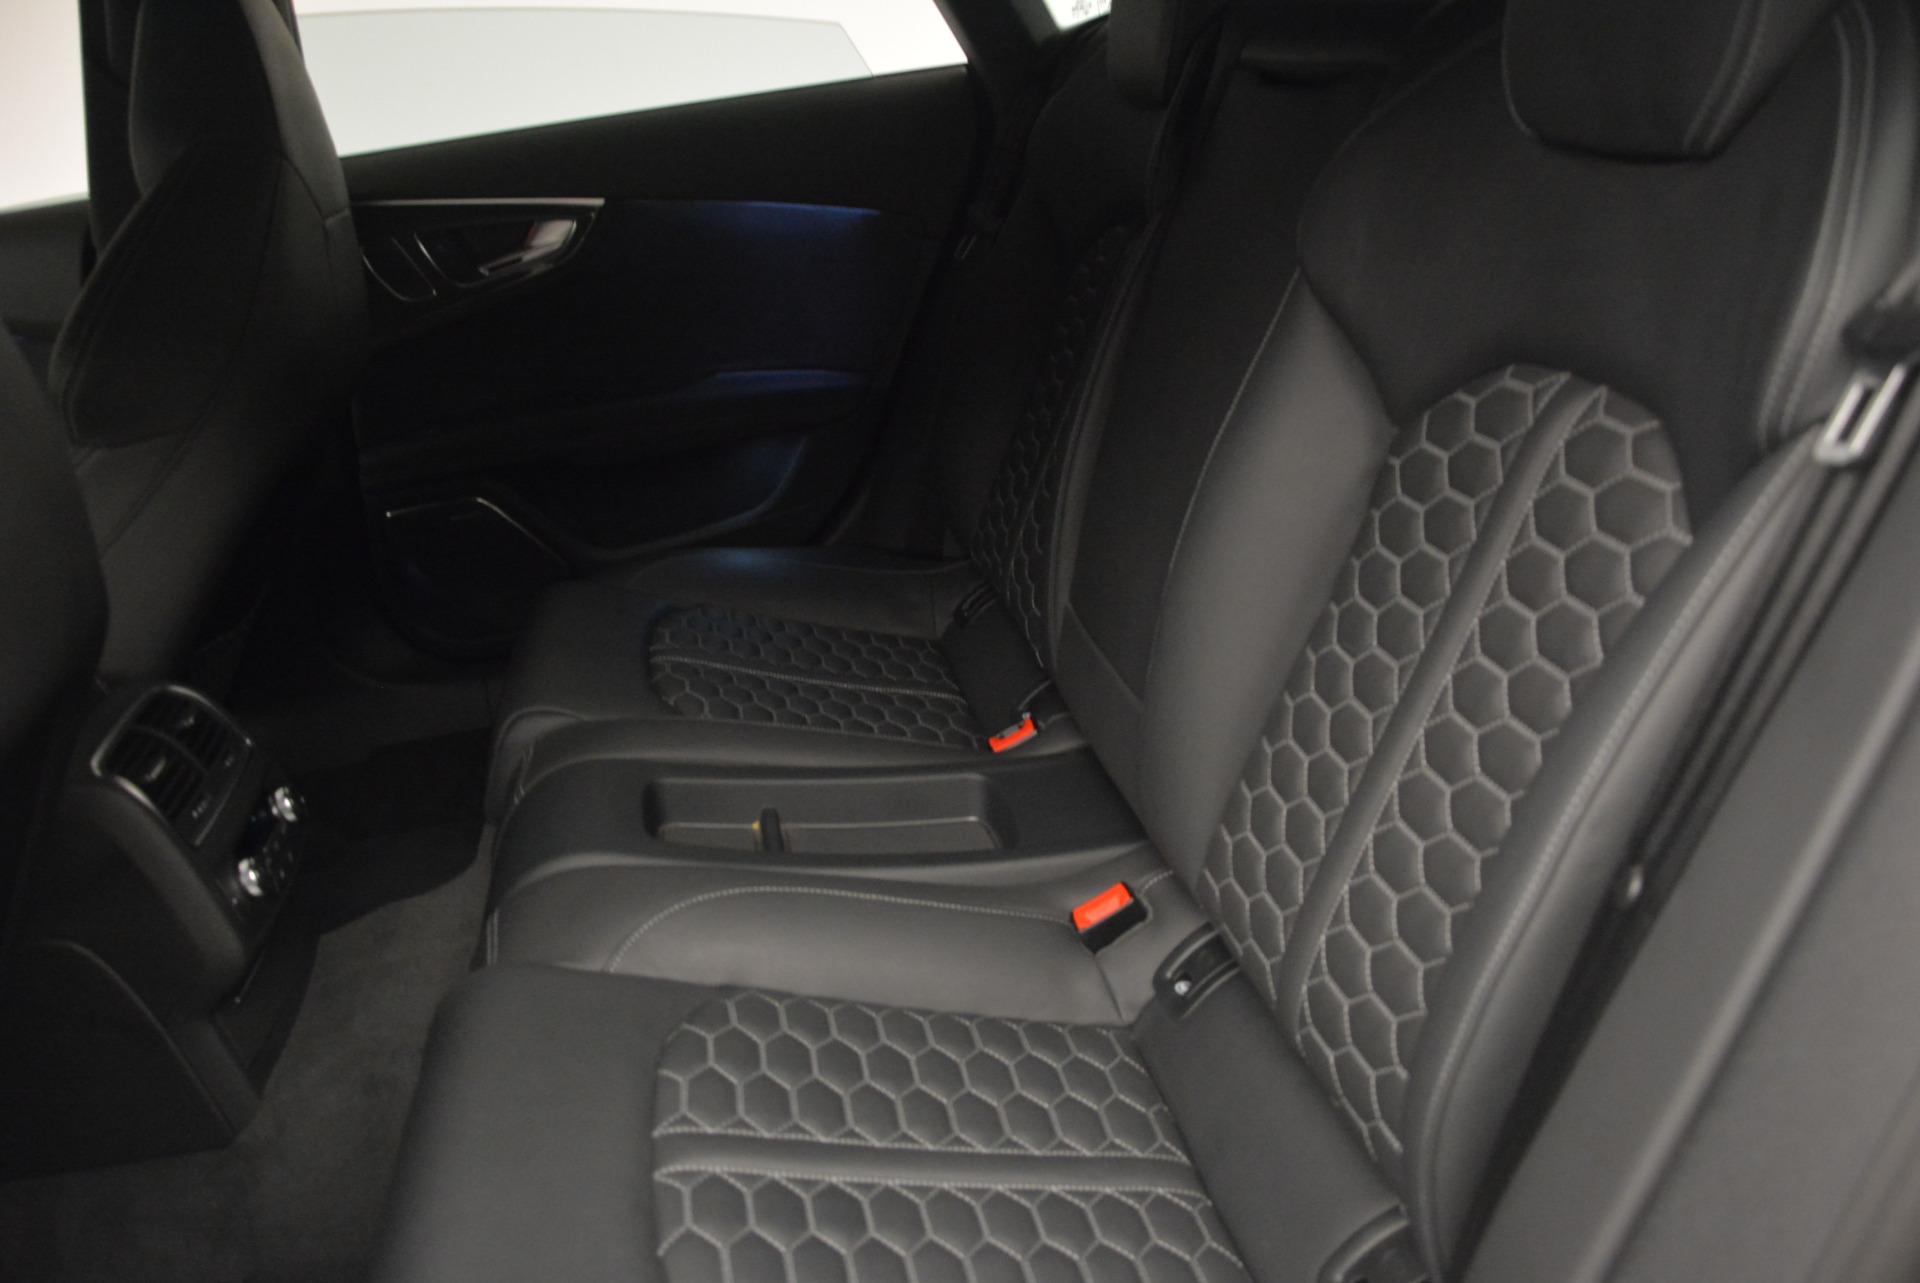 Used 2014 Audi RS 7 4.0T quattro Prestige For Sale In Greenwich, CT 707_p21